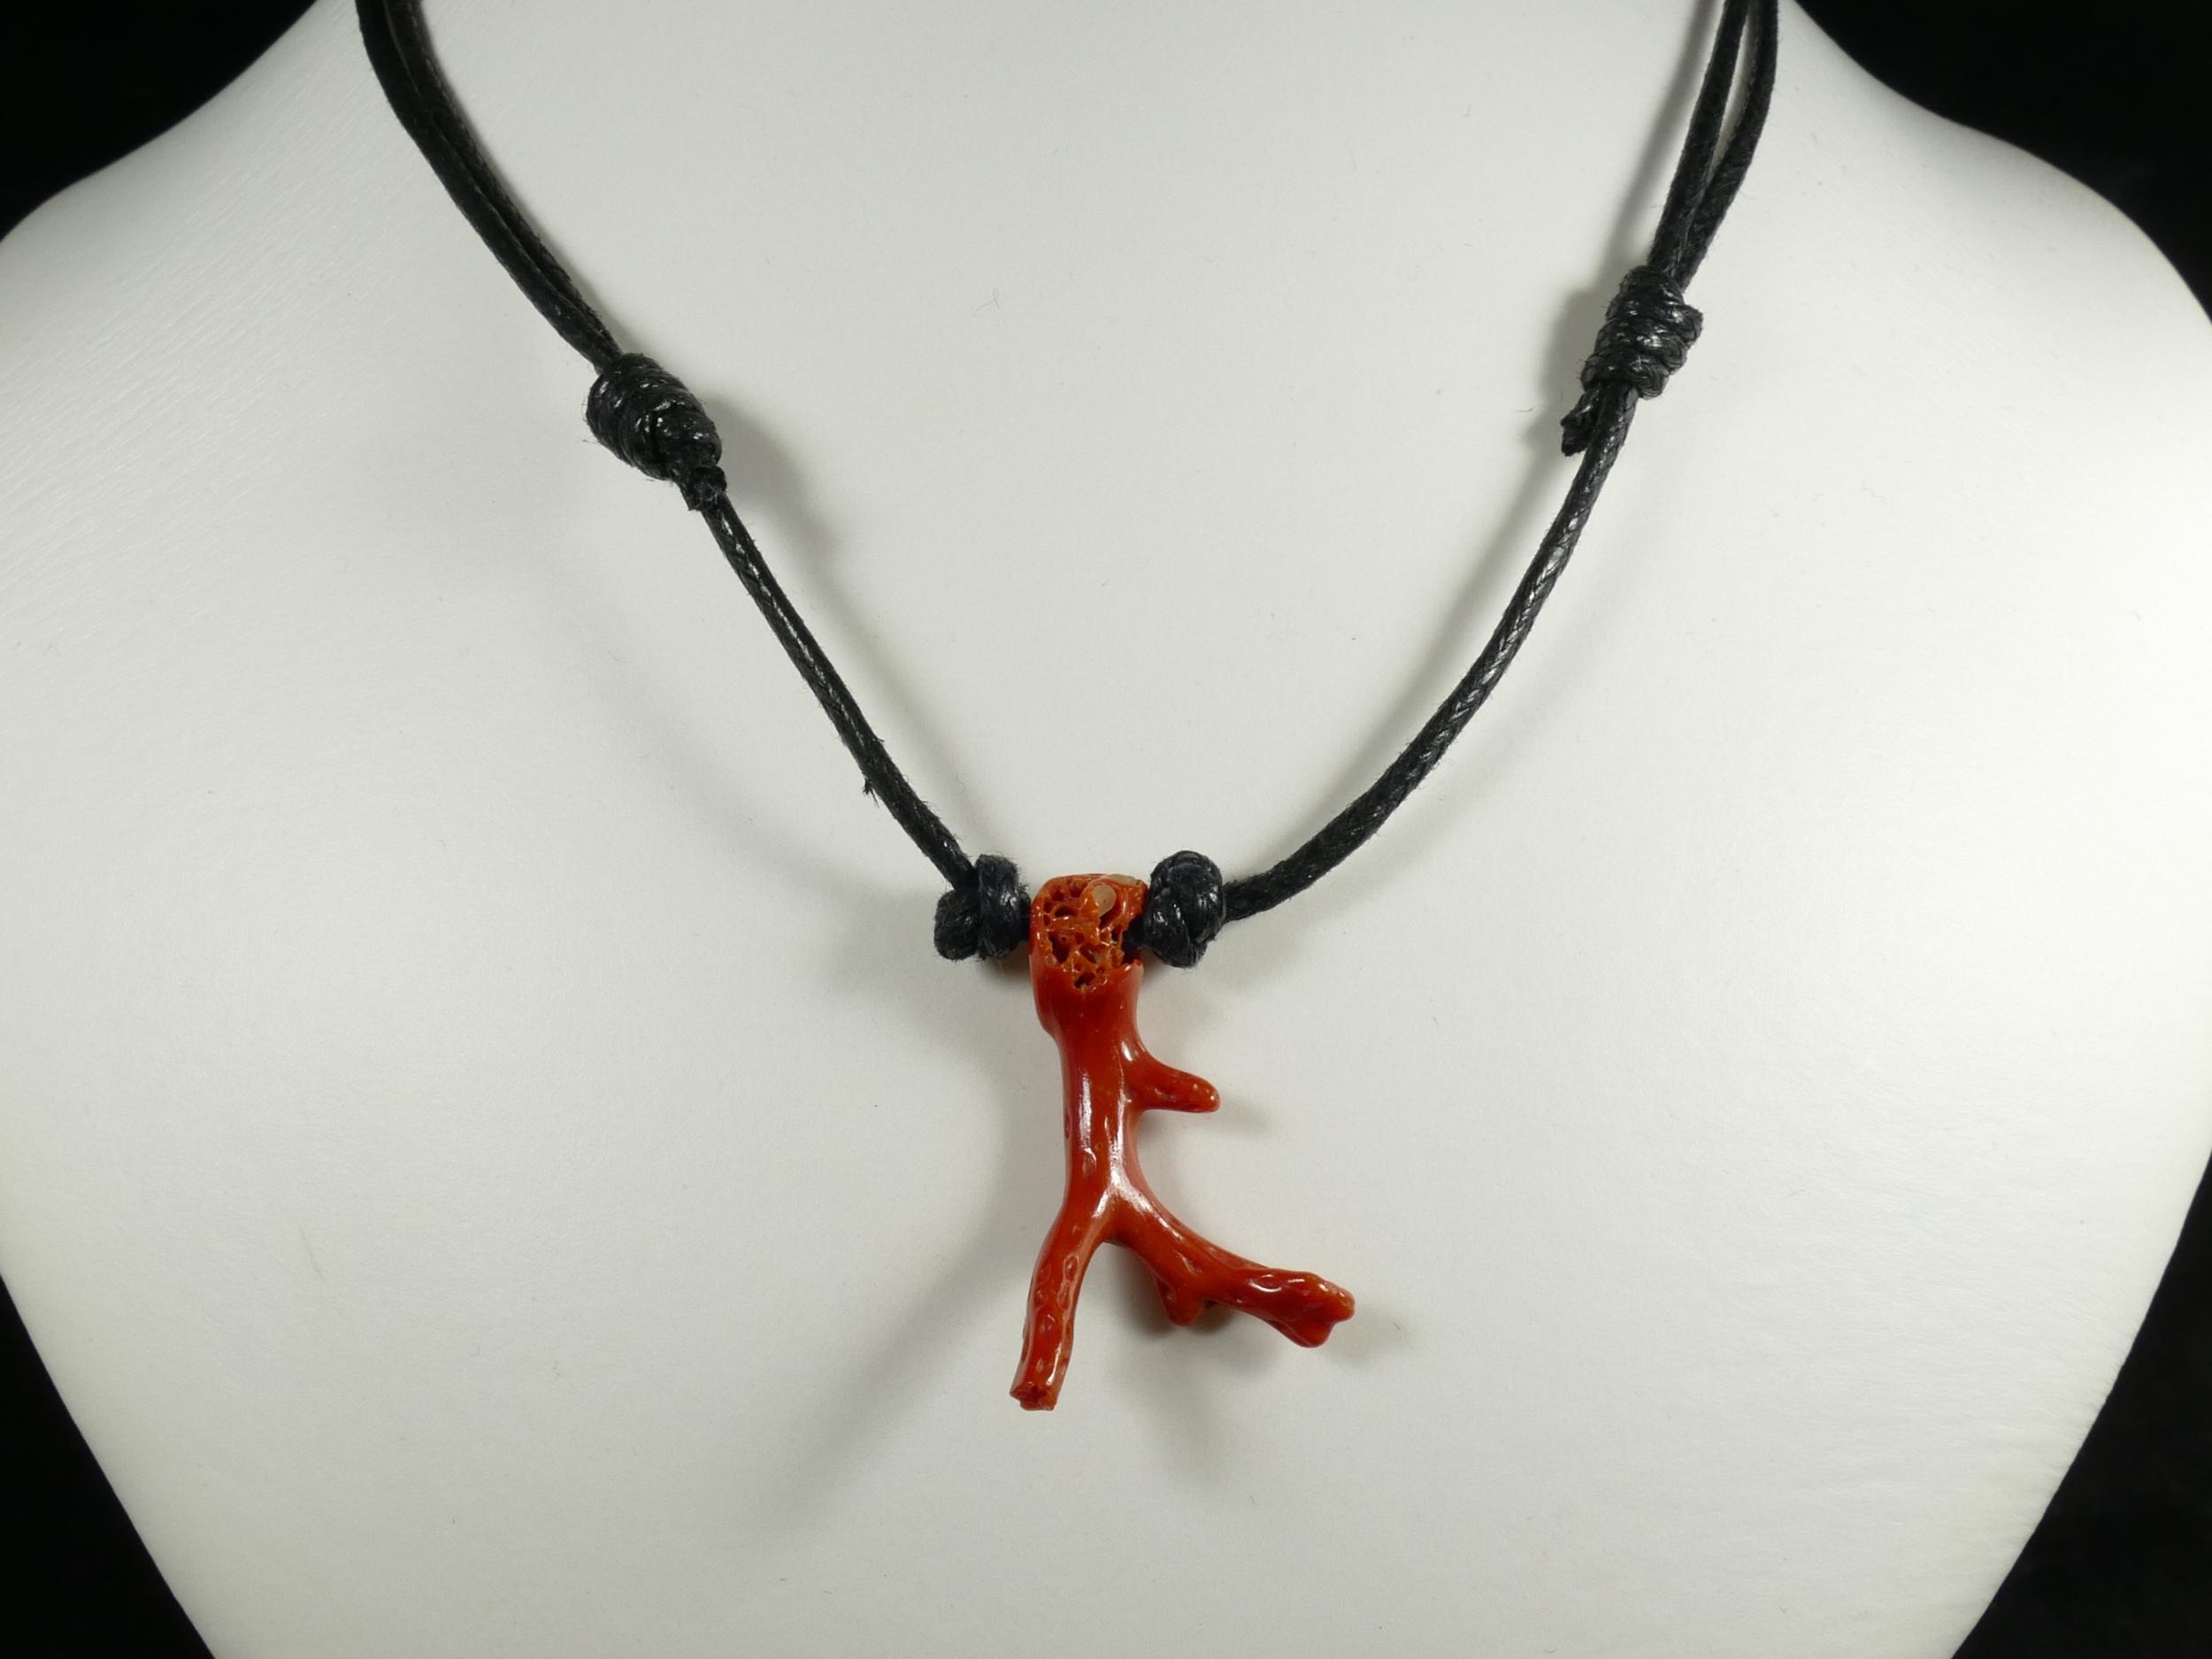 Collier pendentif coton simple réglable avec morceau de Corail rouge naturel roulé de Sardaigne (#PK848)